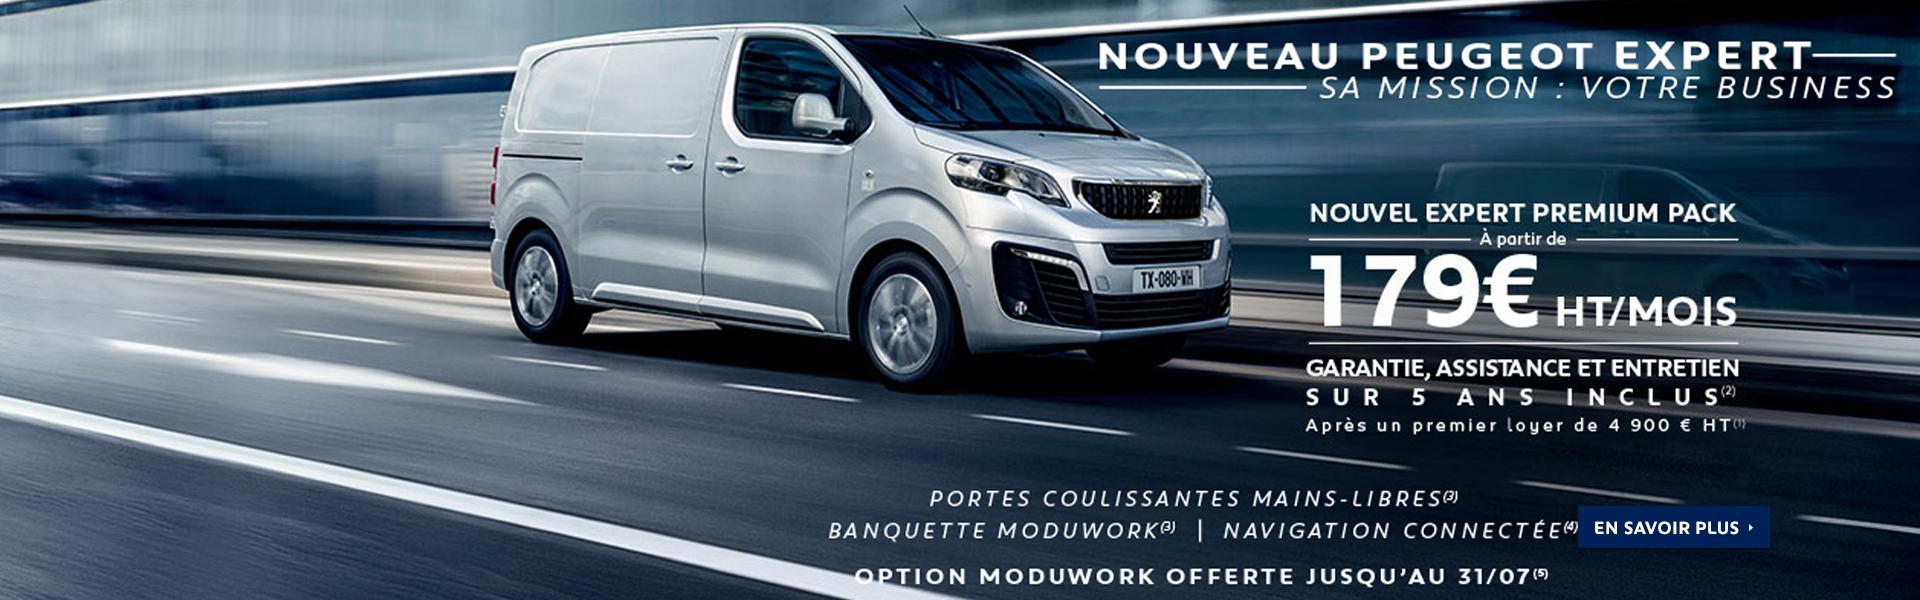 Nouveau Peugeot Expert